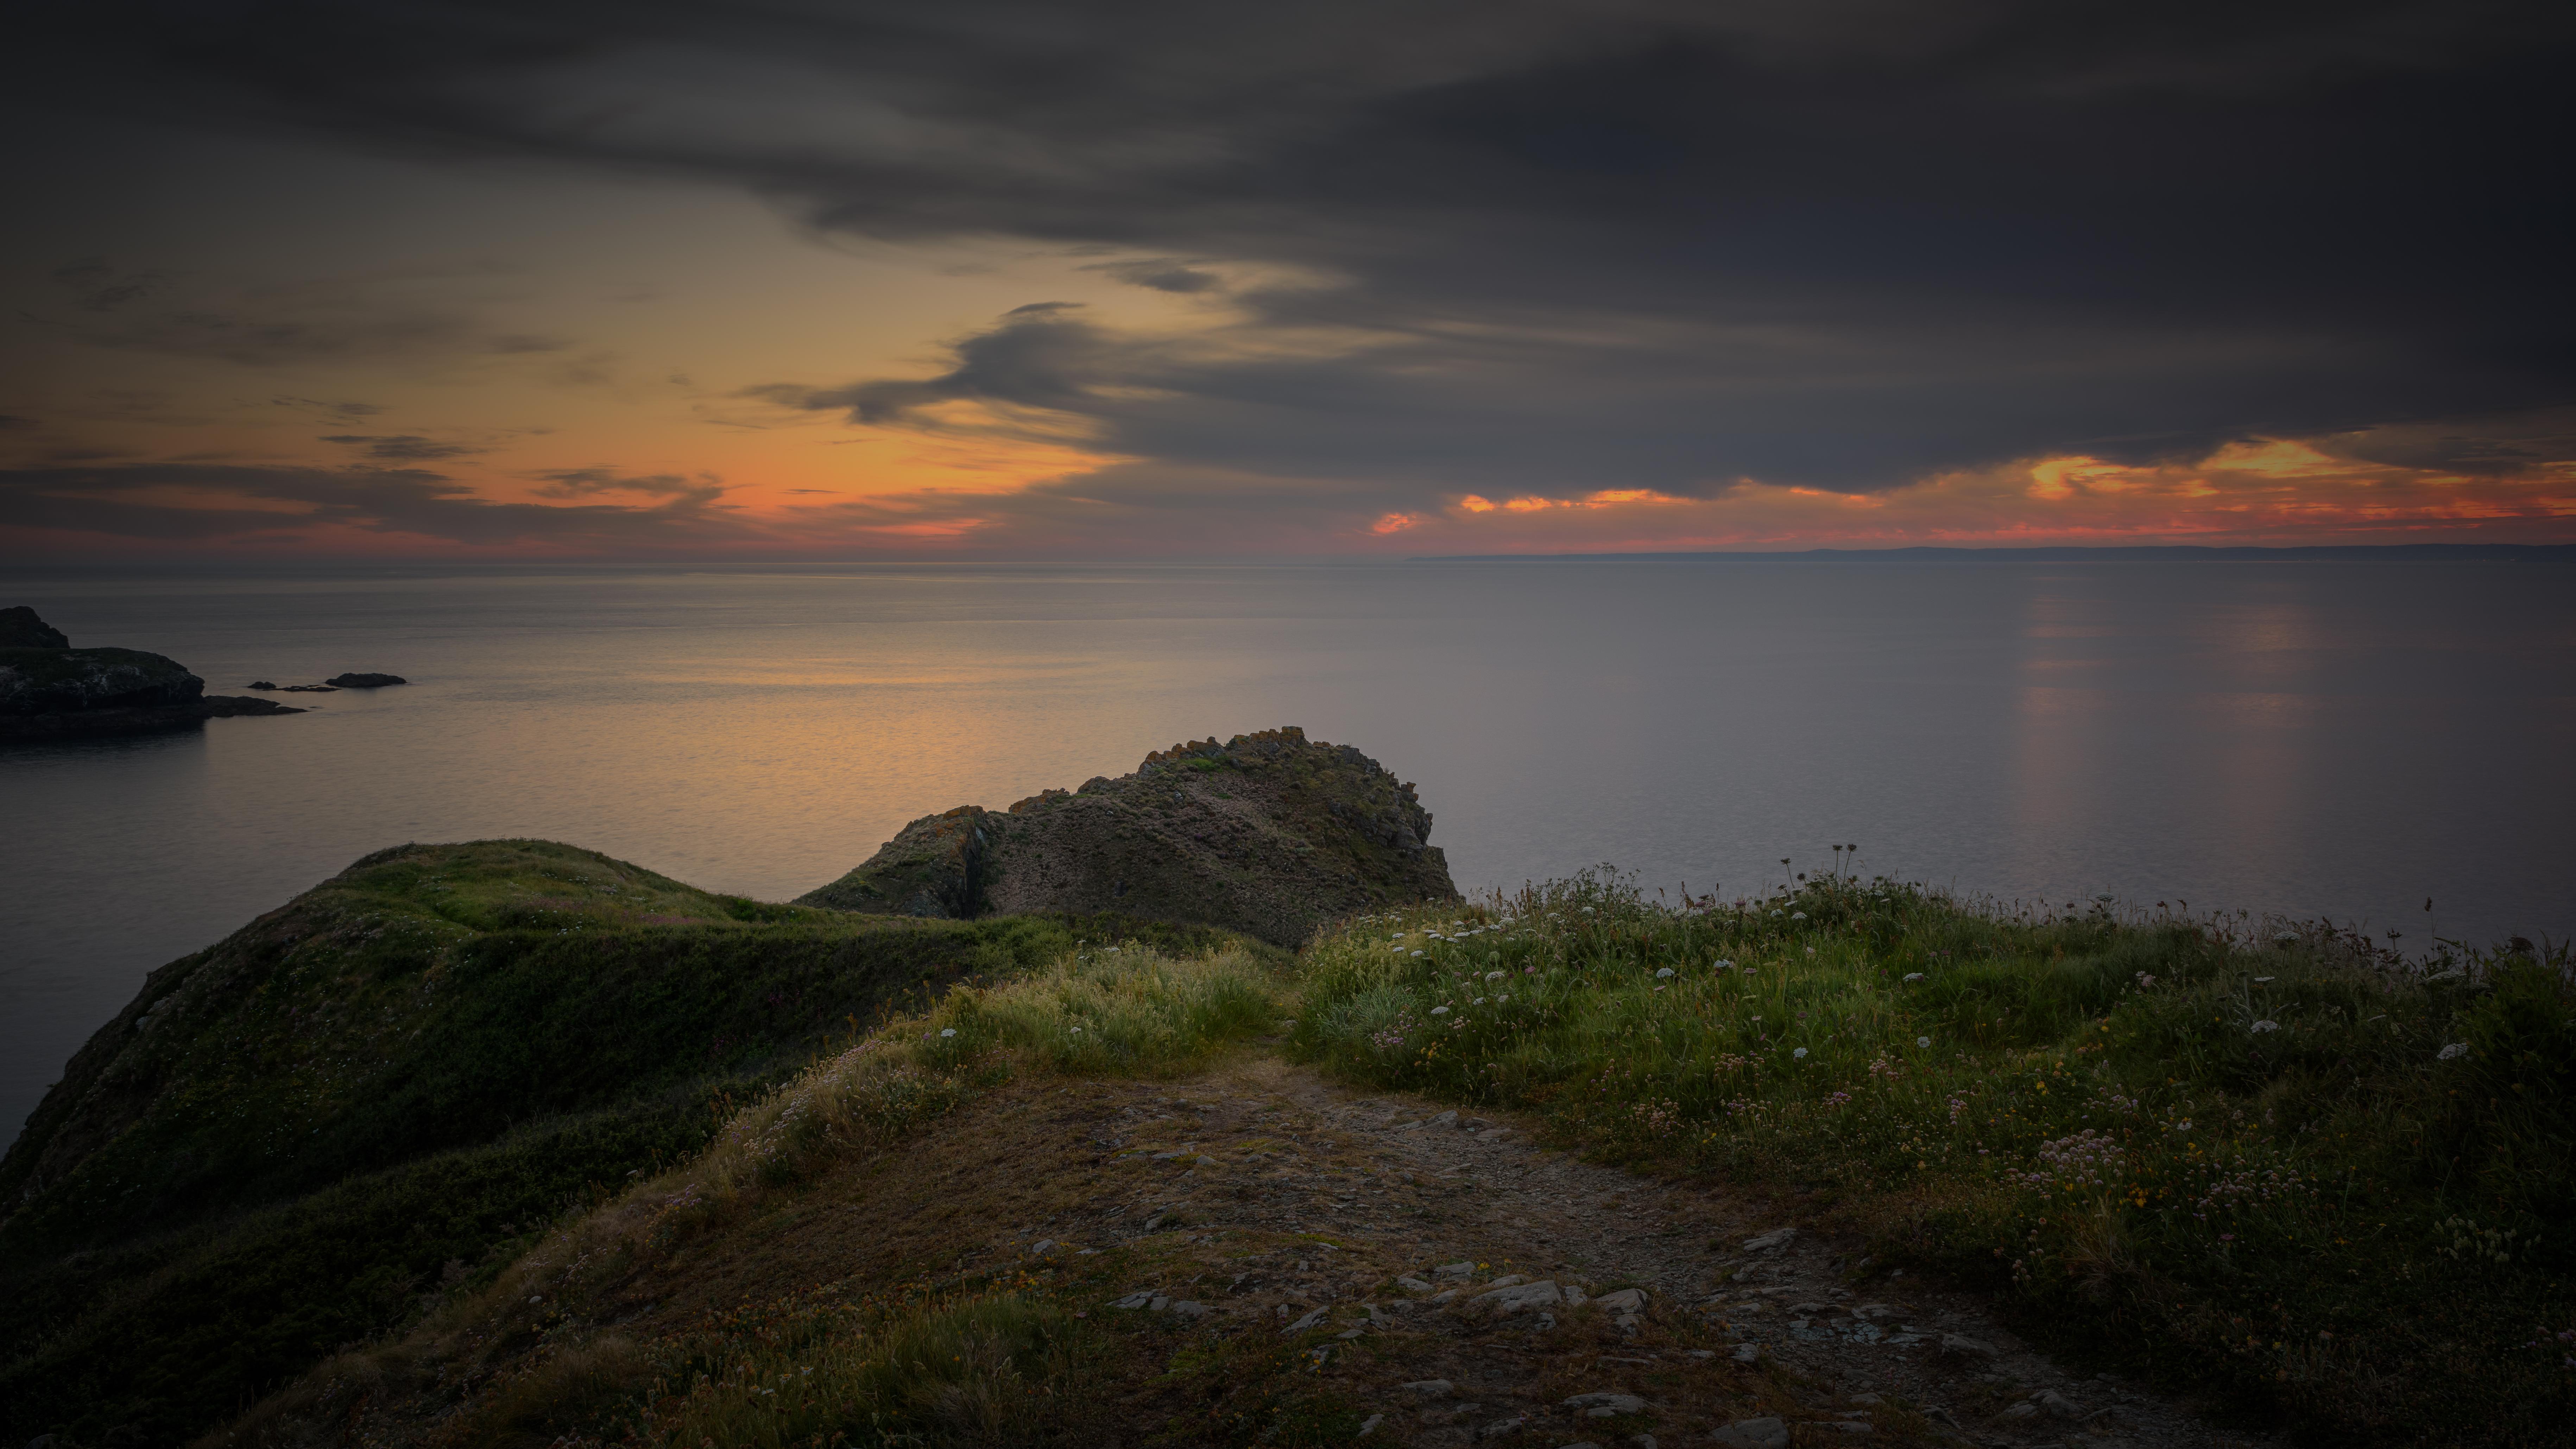 Mullion Cove - entre le coucher de soleil et l'heure bleue